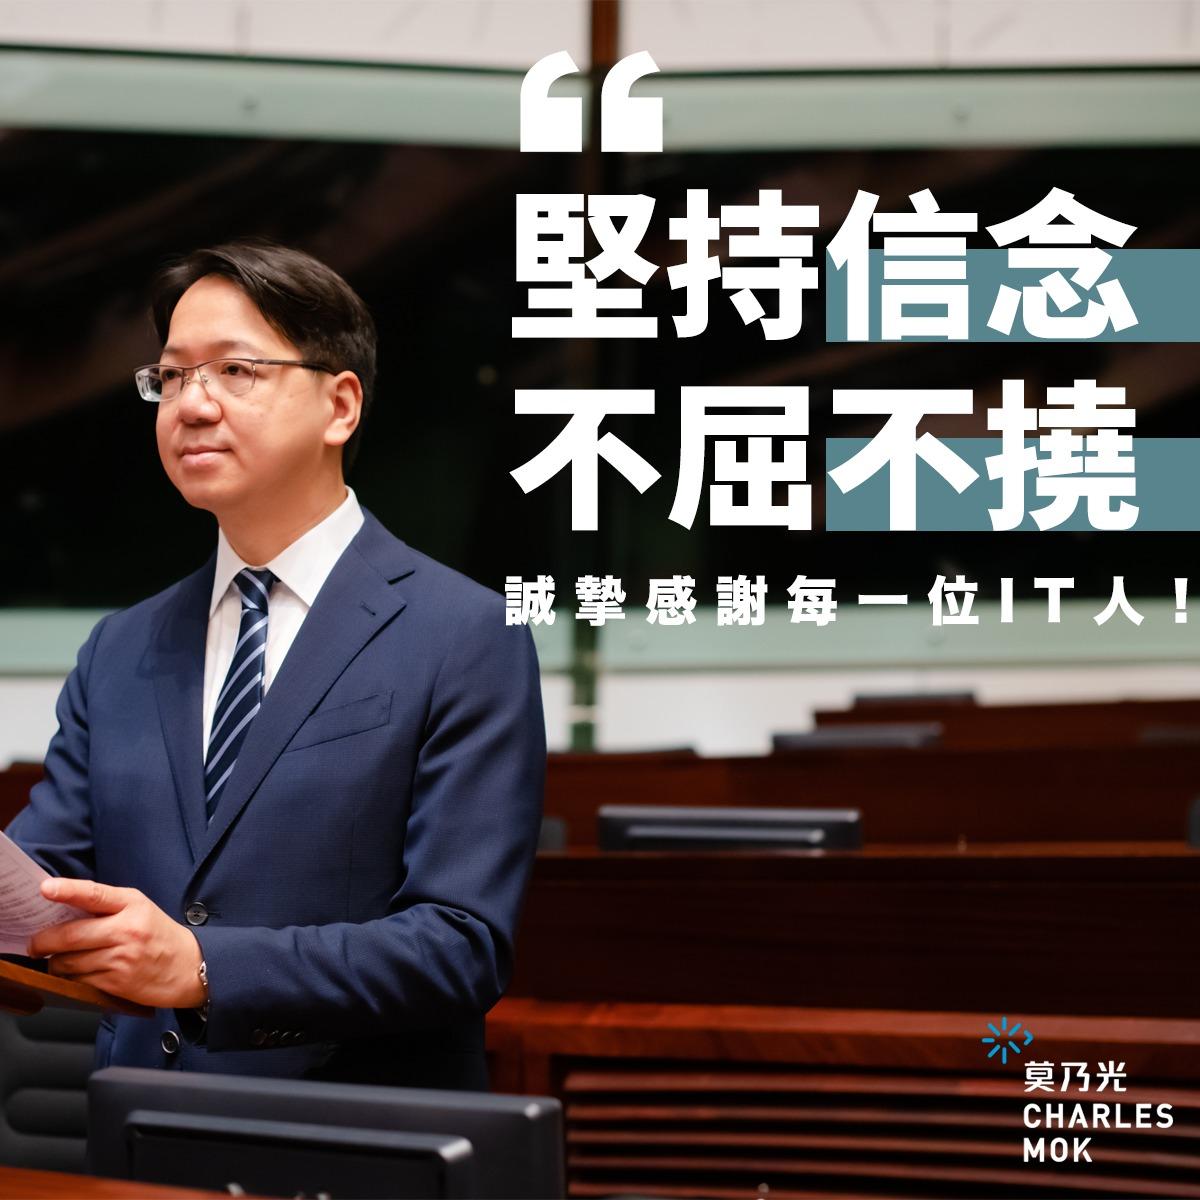 范健文(香港資訊科技商會資訊保安召集人)